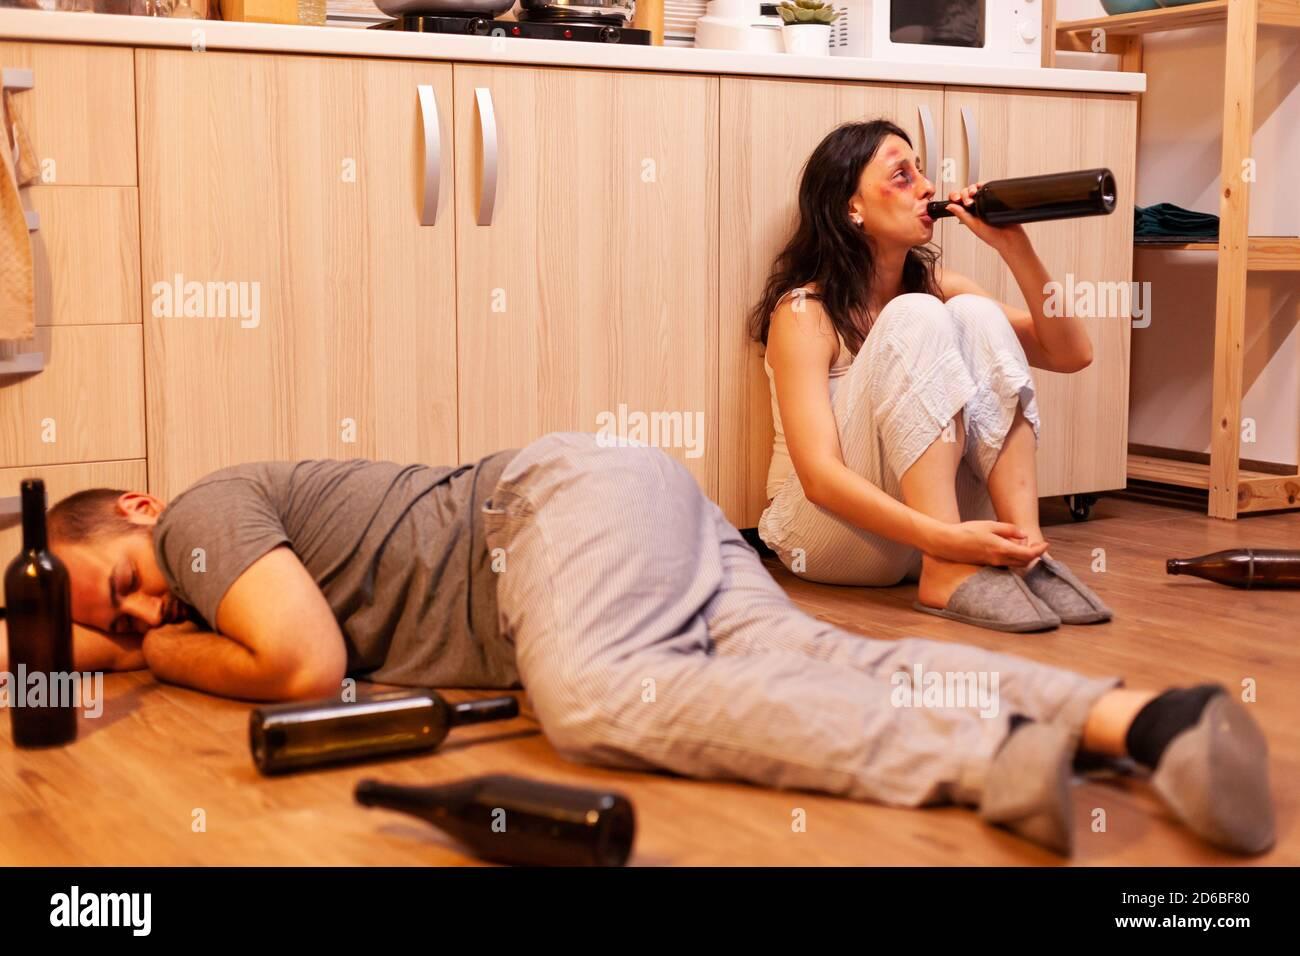 Drunk wife is Dilemma of